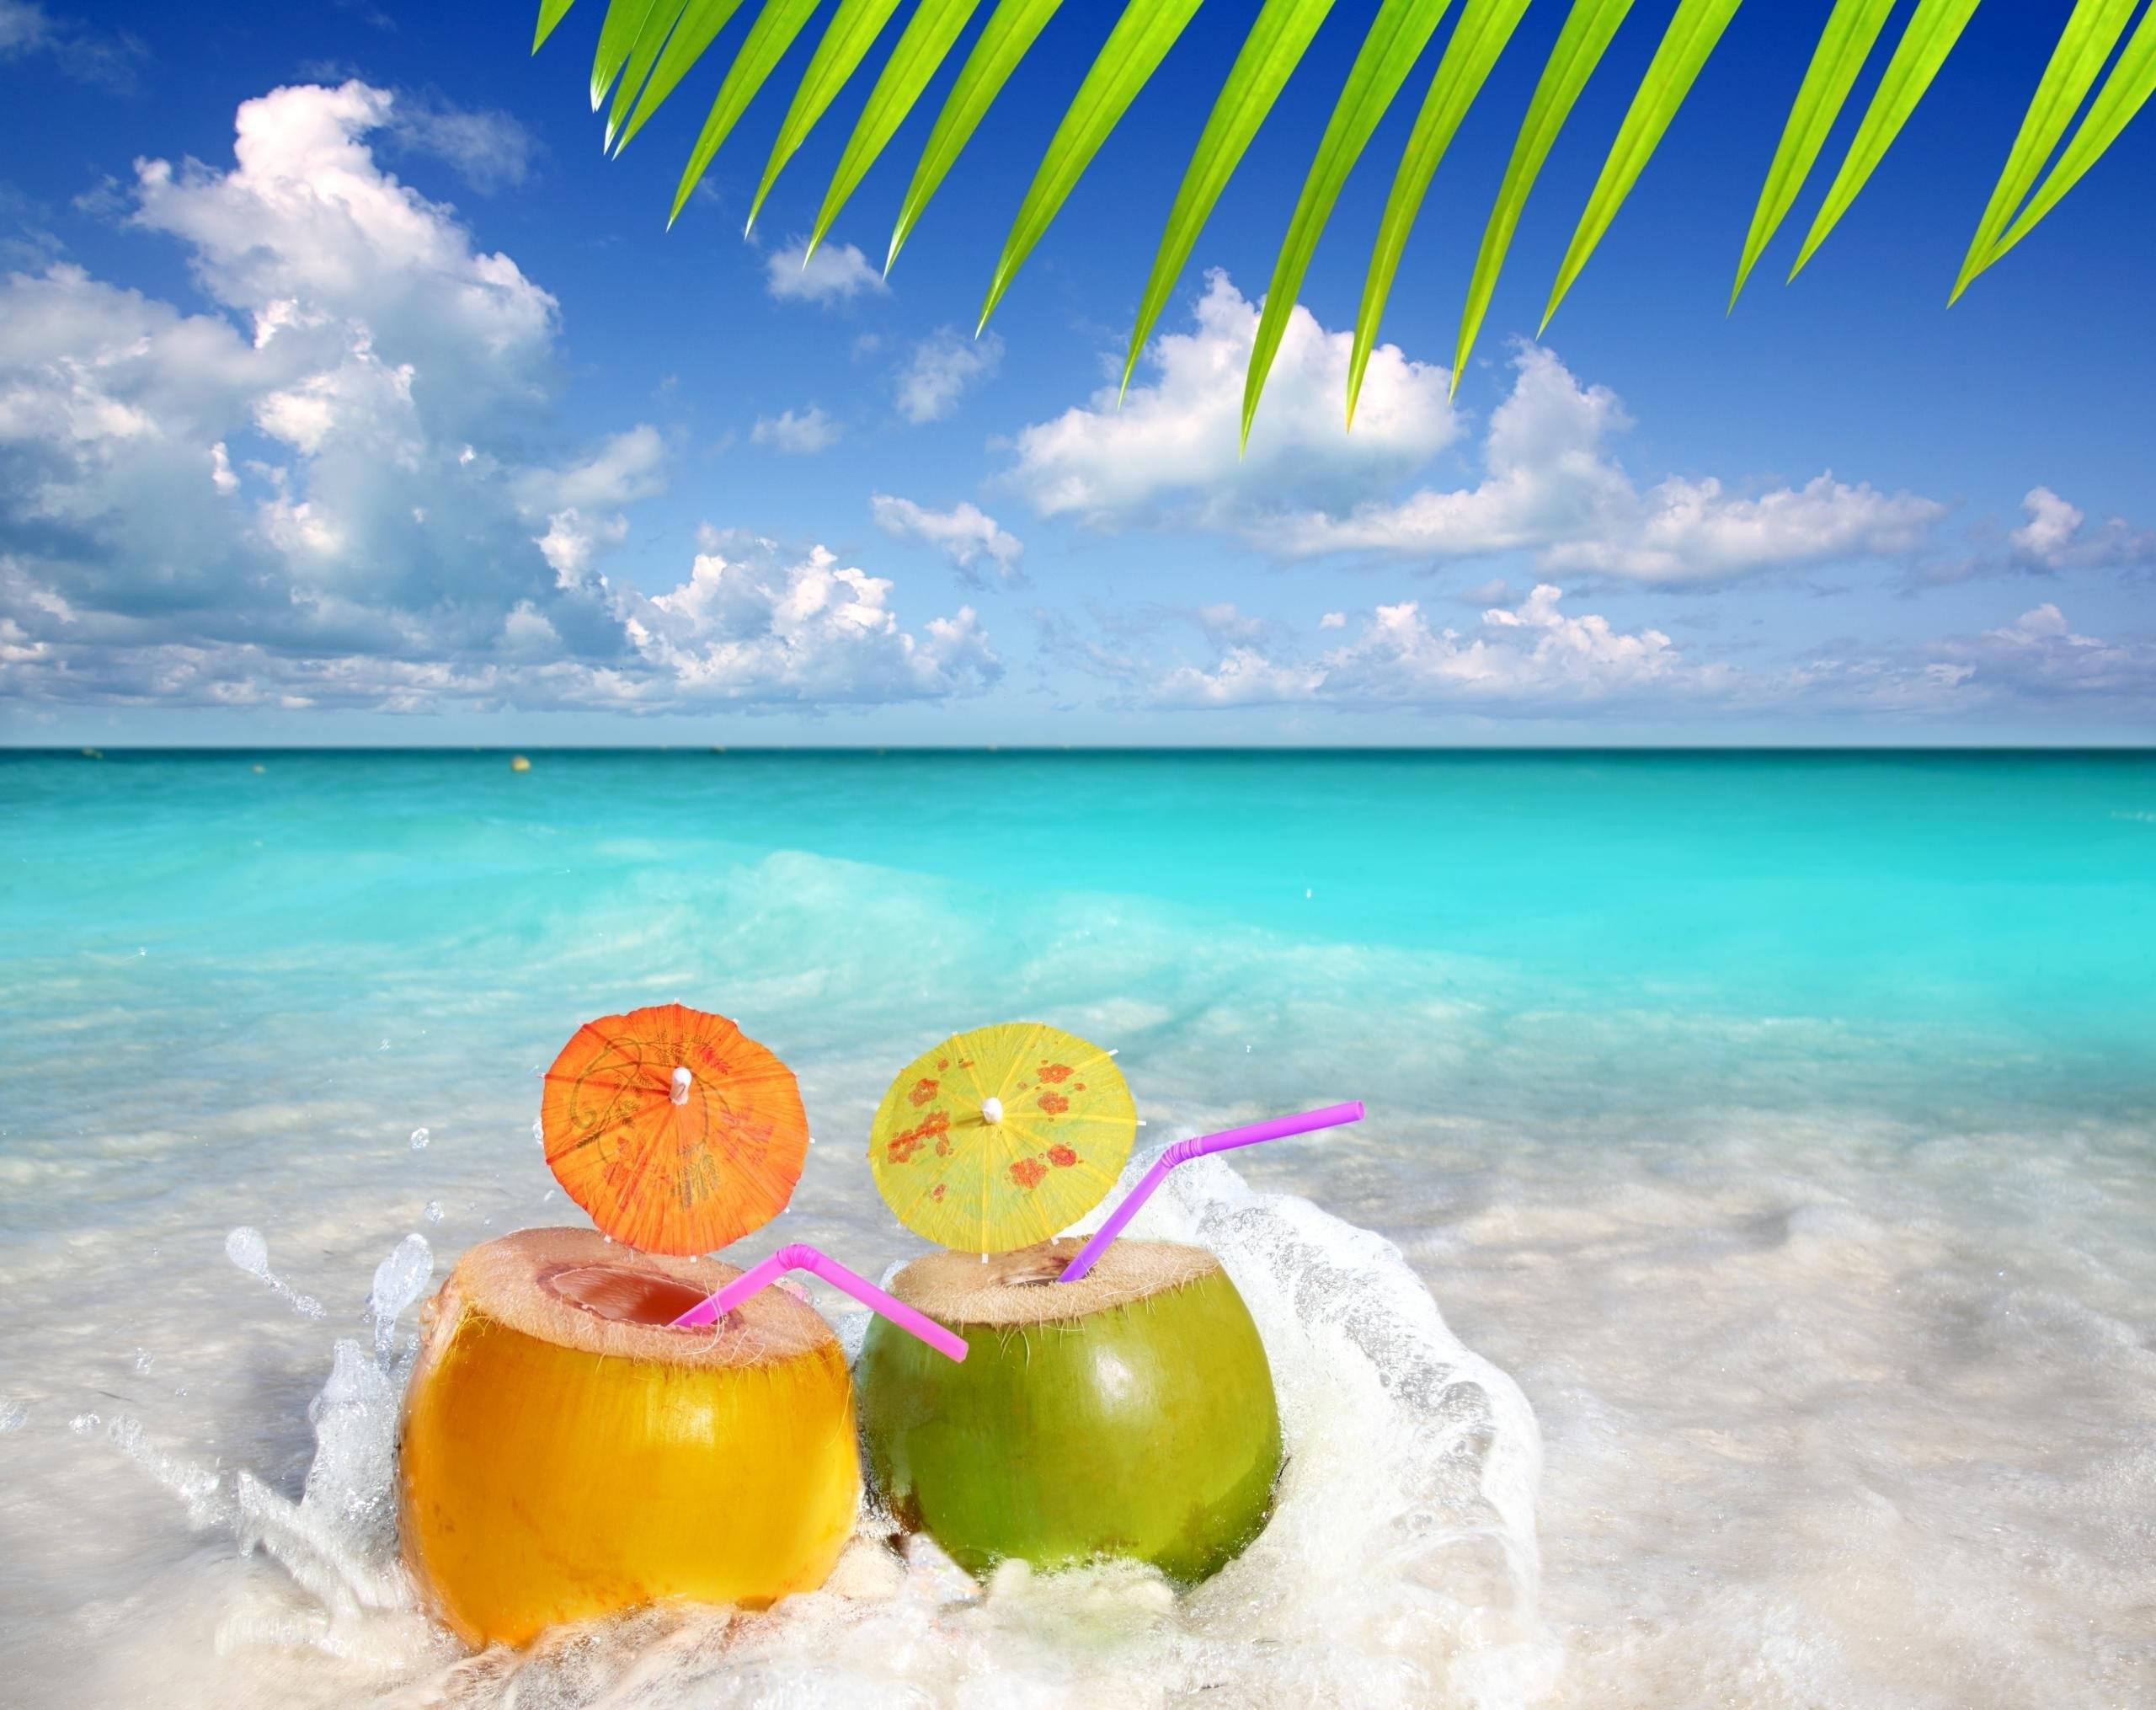 beach kids summer wallpaper Best of summer beach background a 2560x2030